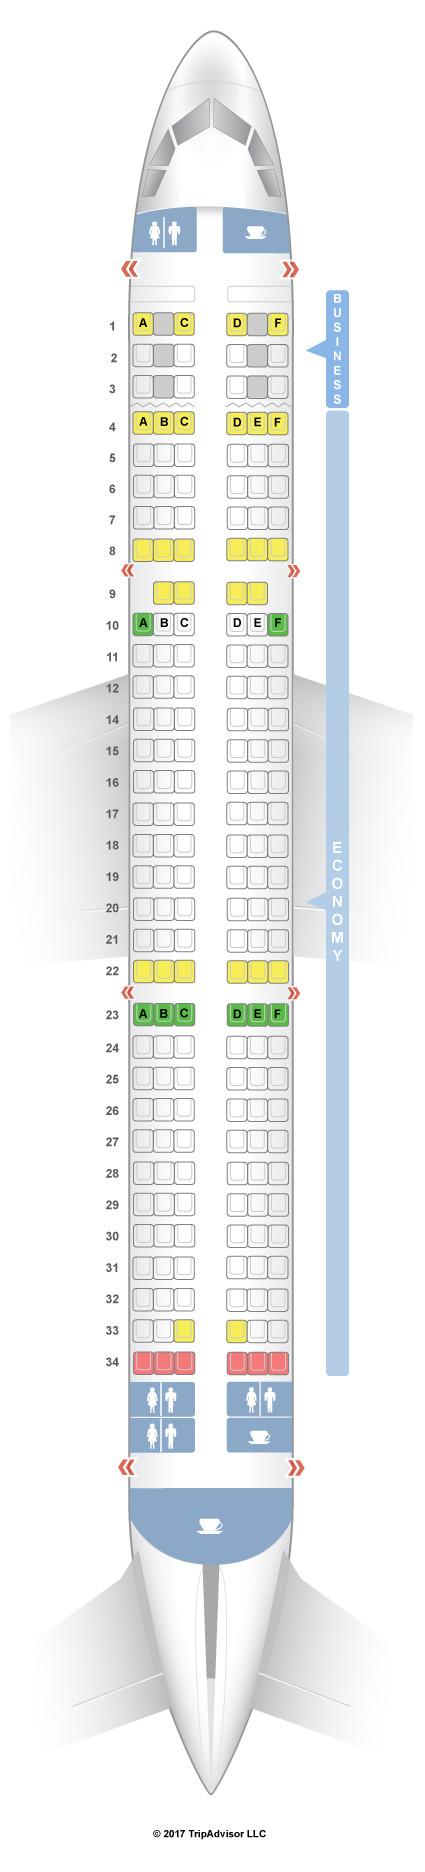 Goklerdeyiz Havacilik Sitesi Ucaklarda Koltuk Plani Aegean Airlines A321